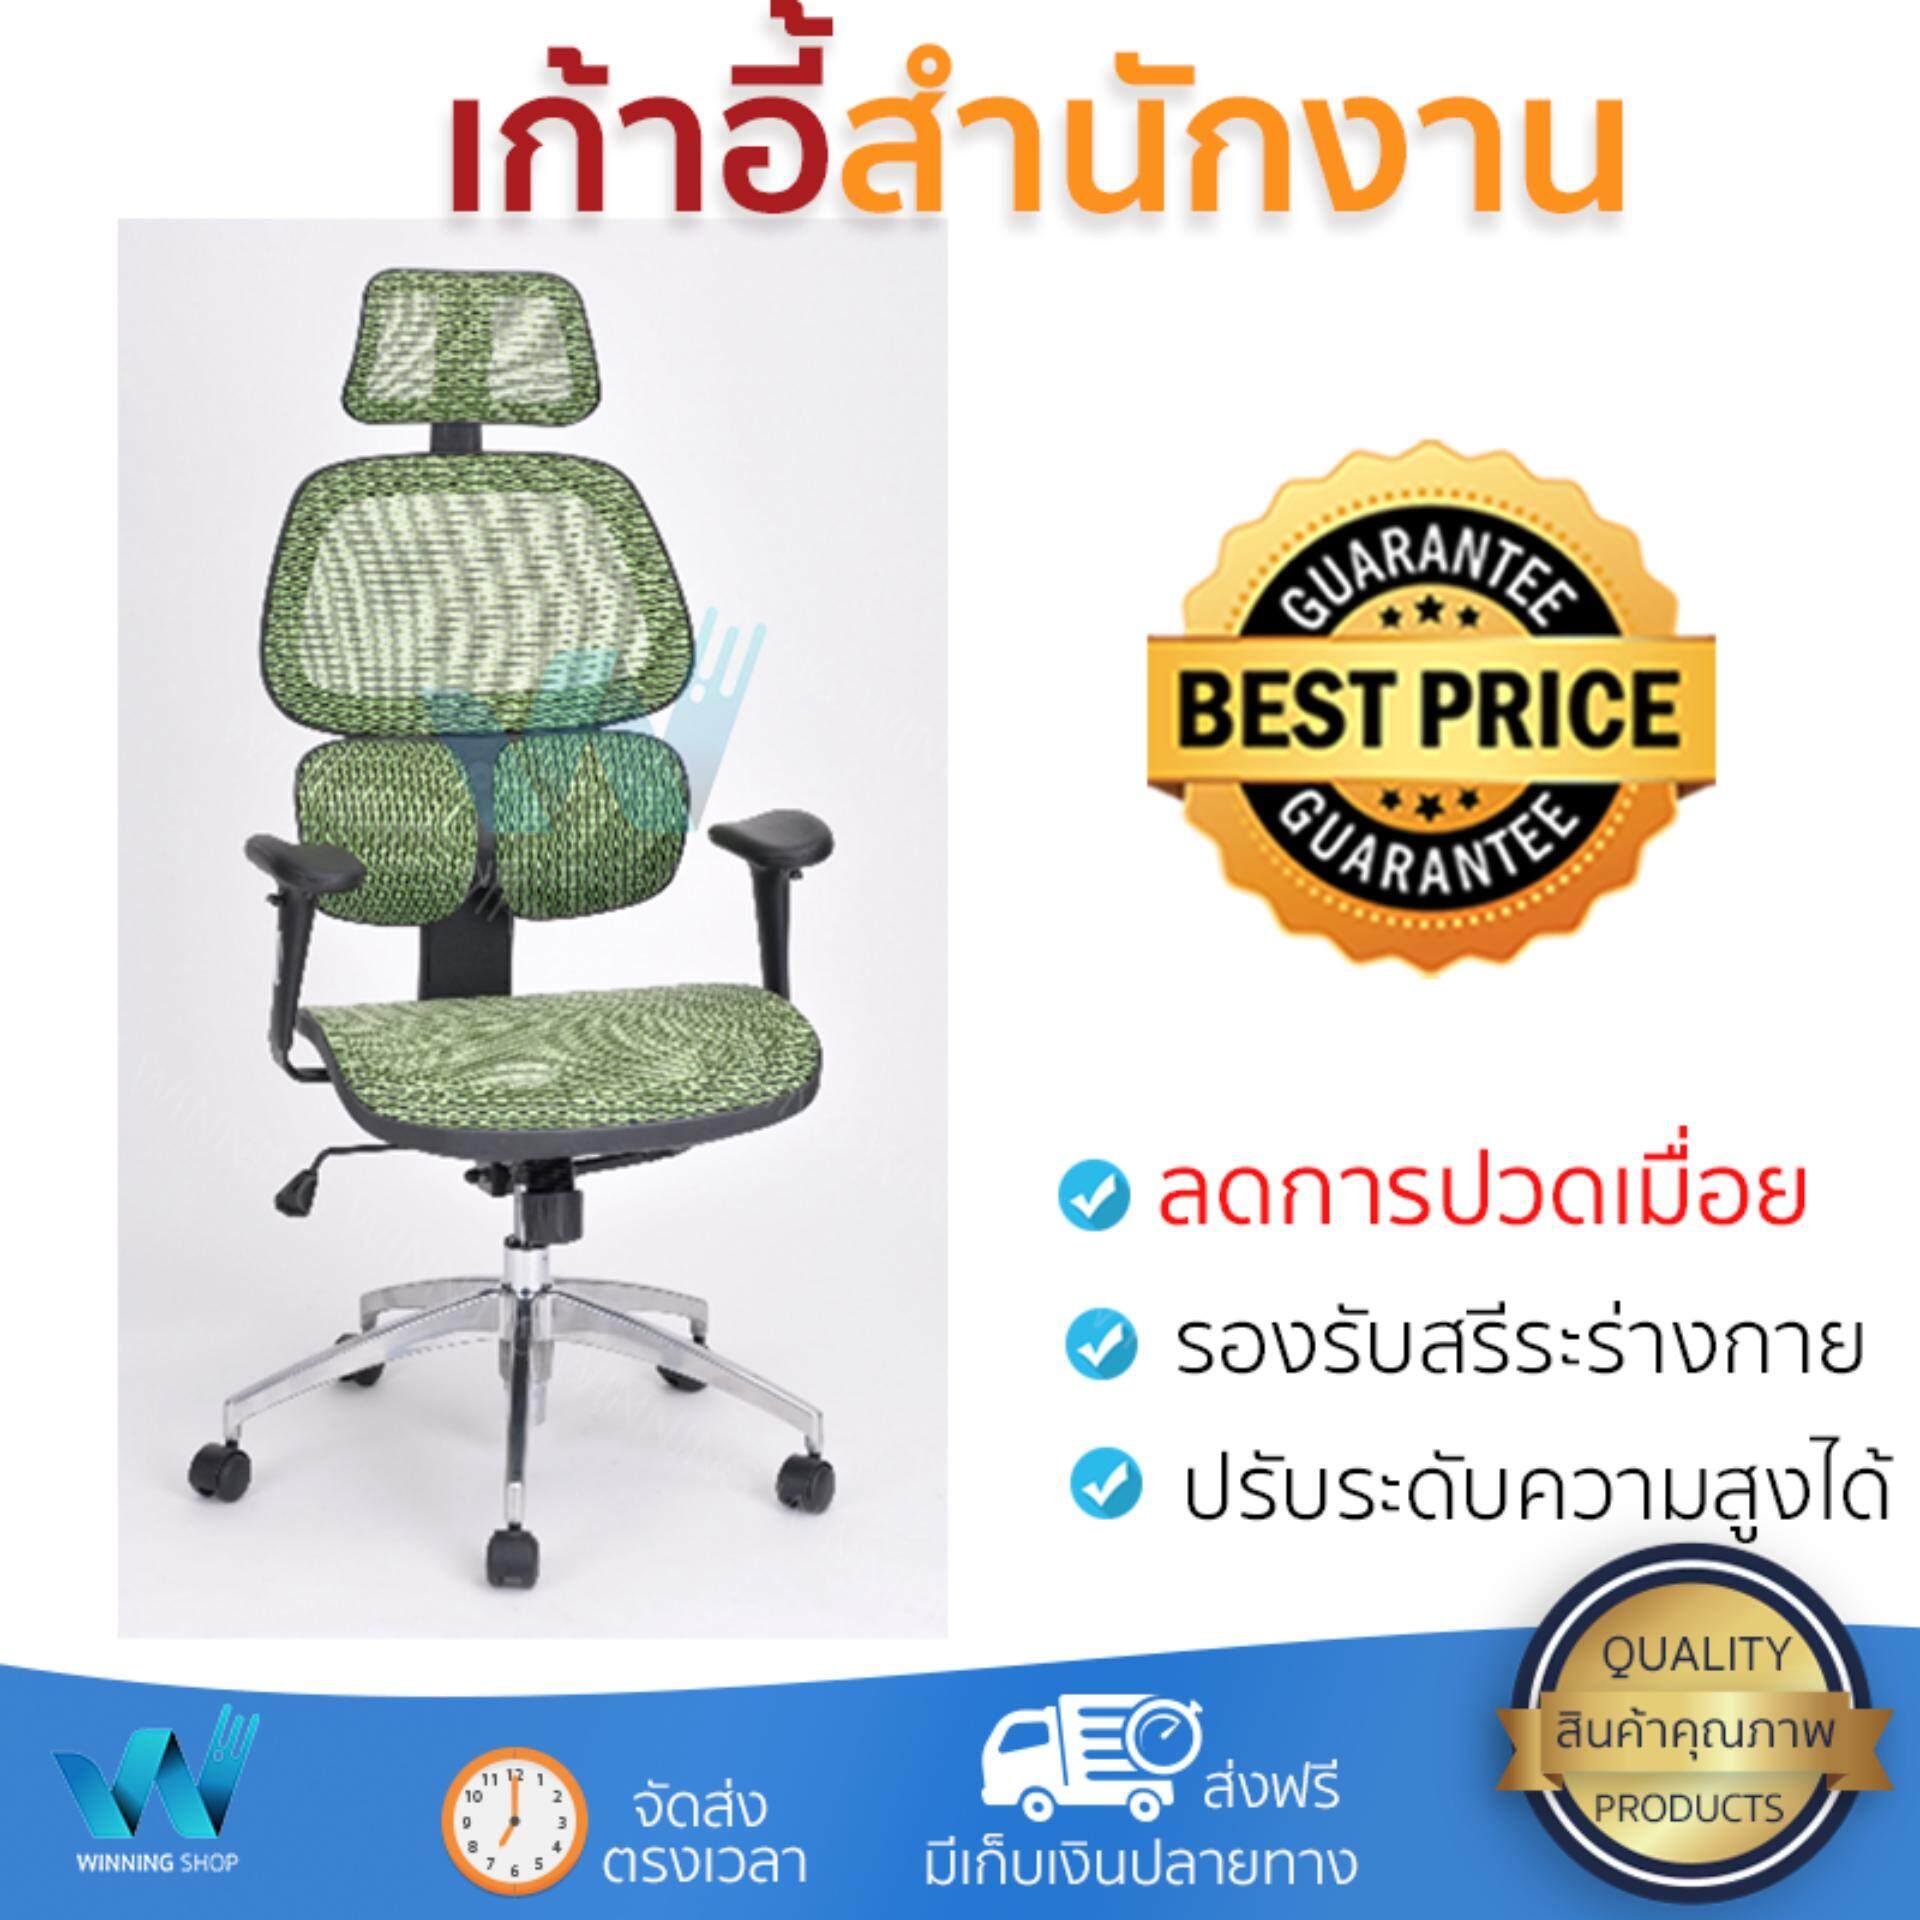 ราคาพิเศษ เก้าอี้ทำงาน เก้าอี้สำนักงาน SMITH เก้าอี้สำนักงาน ขนาด 61x58x121 cm LAYNE สีเขียว ลดอาการปวดเมื่อยลำคอและไหล่ เบาะนุ่มกำลังดี นั่งสบาย ไม่อึดอัด ปรับระดับความสูงได้ Office Chair จัดส่งฟรี